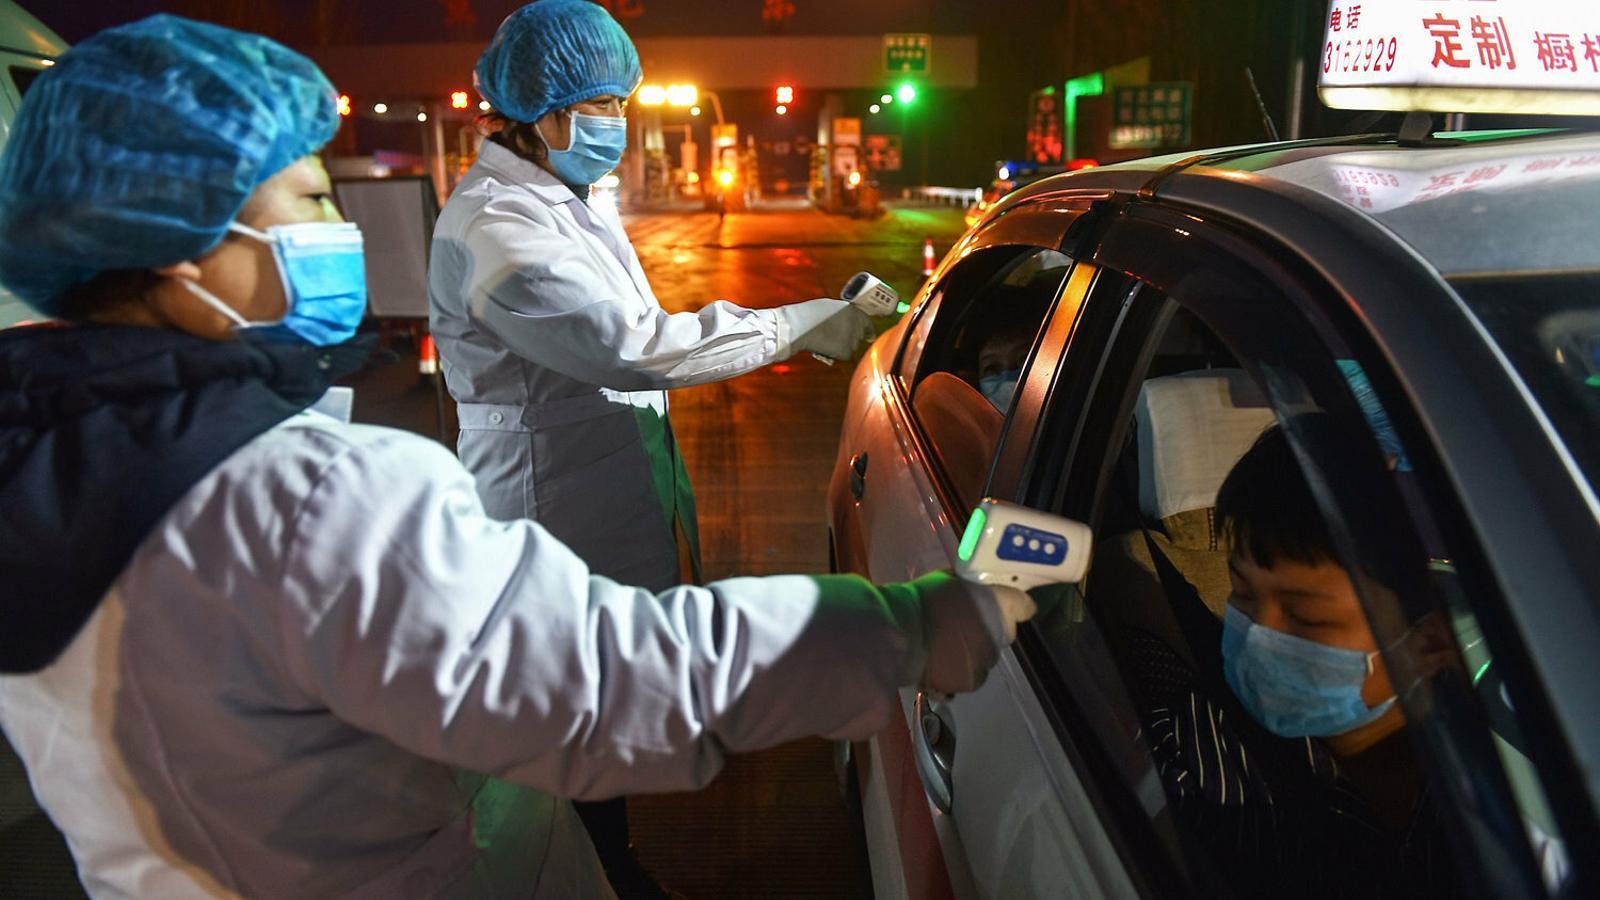 Operaris prenent la temperatura als ocupants d'un cotxe en una sortida d'una autopista a Zhangjiakou, a la província de Hubei, situada al nord de la Xina.